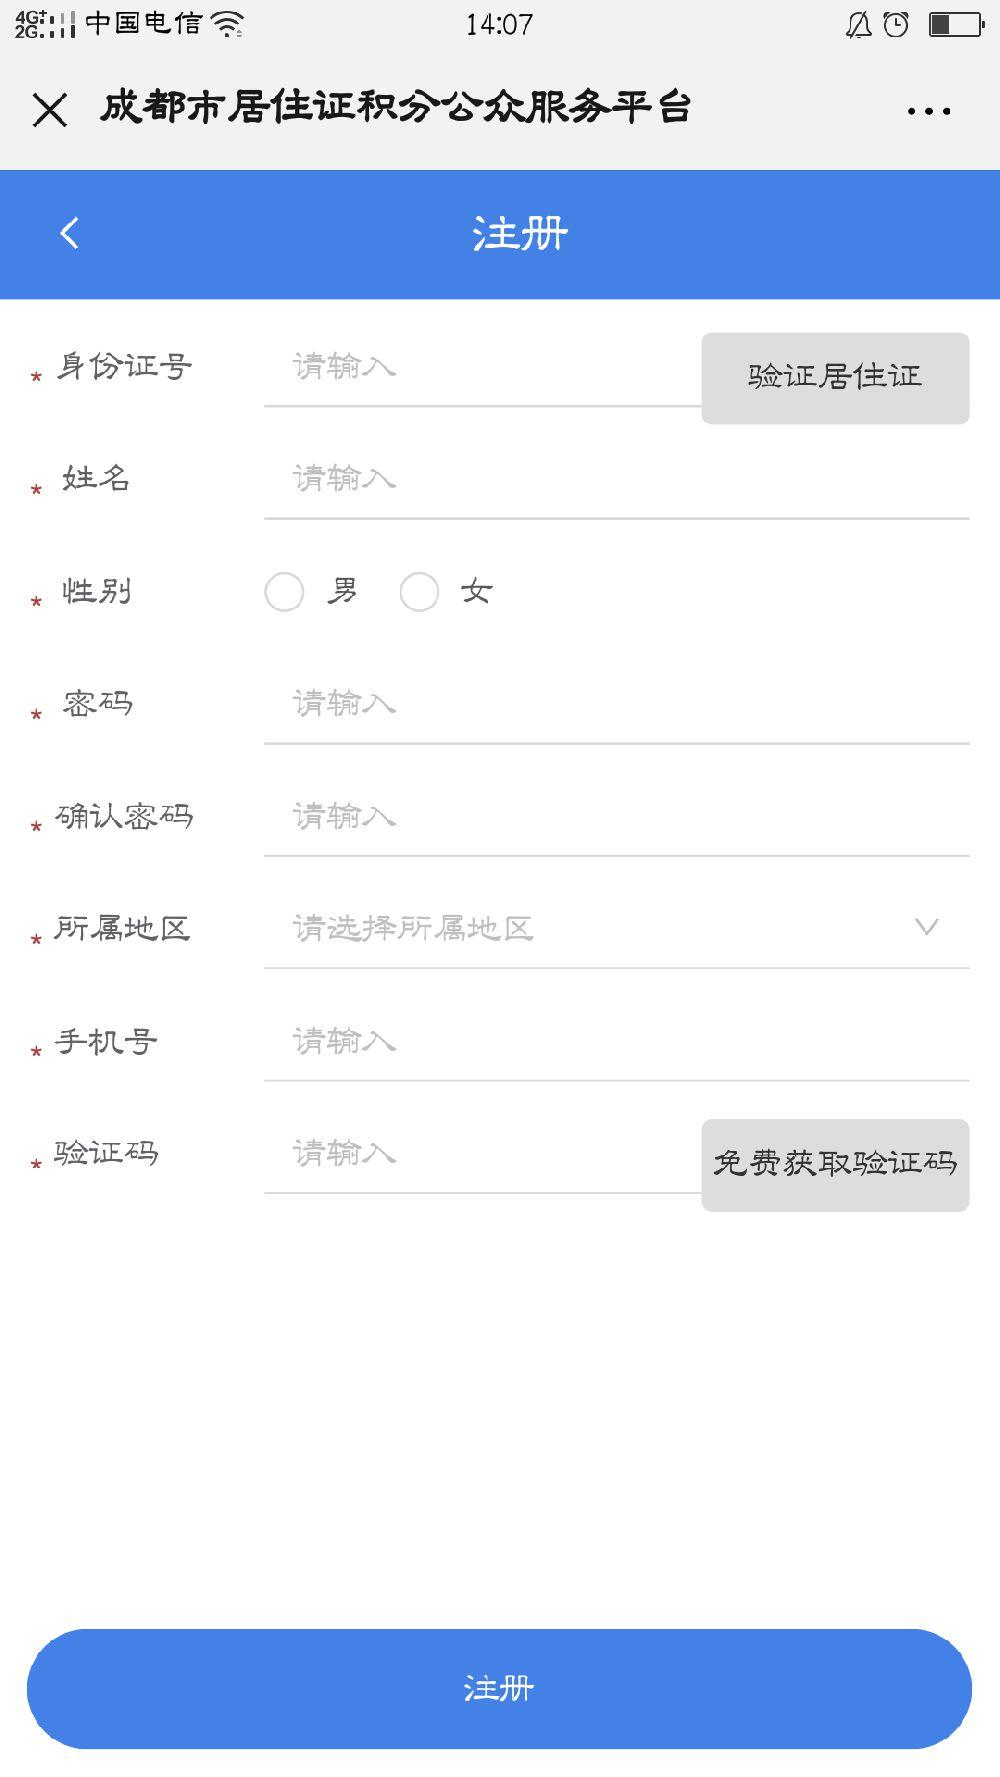 成都居住证积分入户分值查询微信查询入口及操作步骤